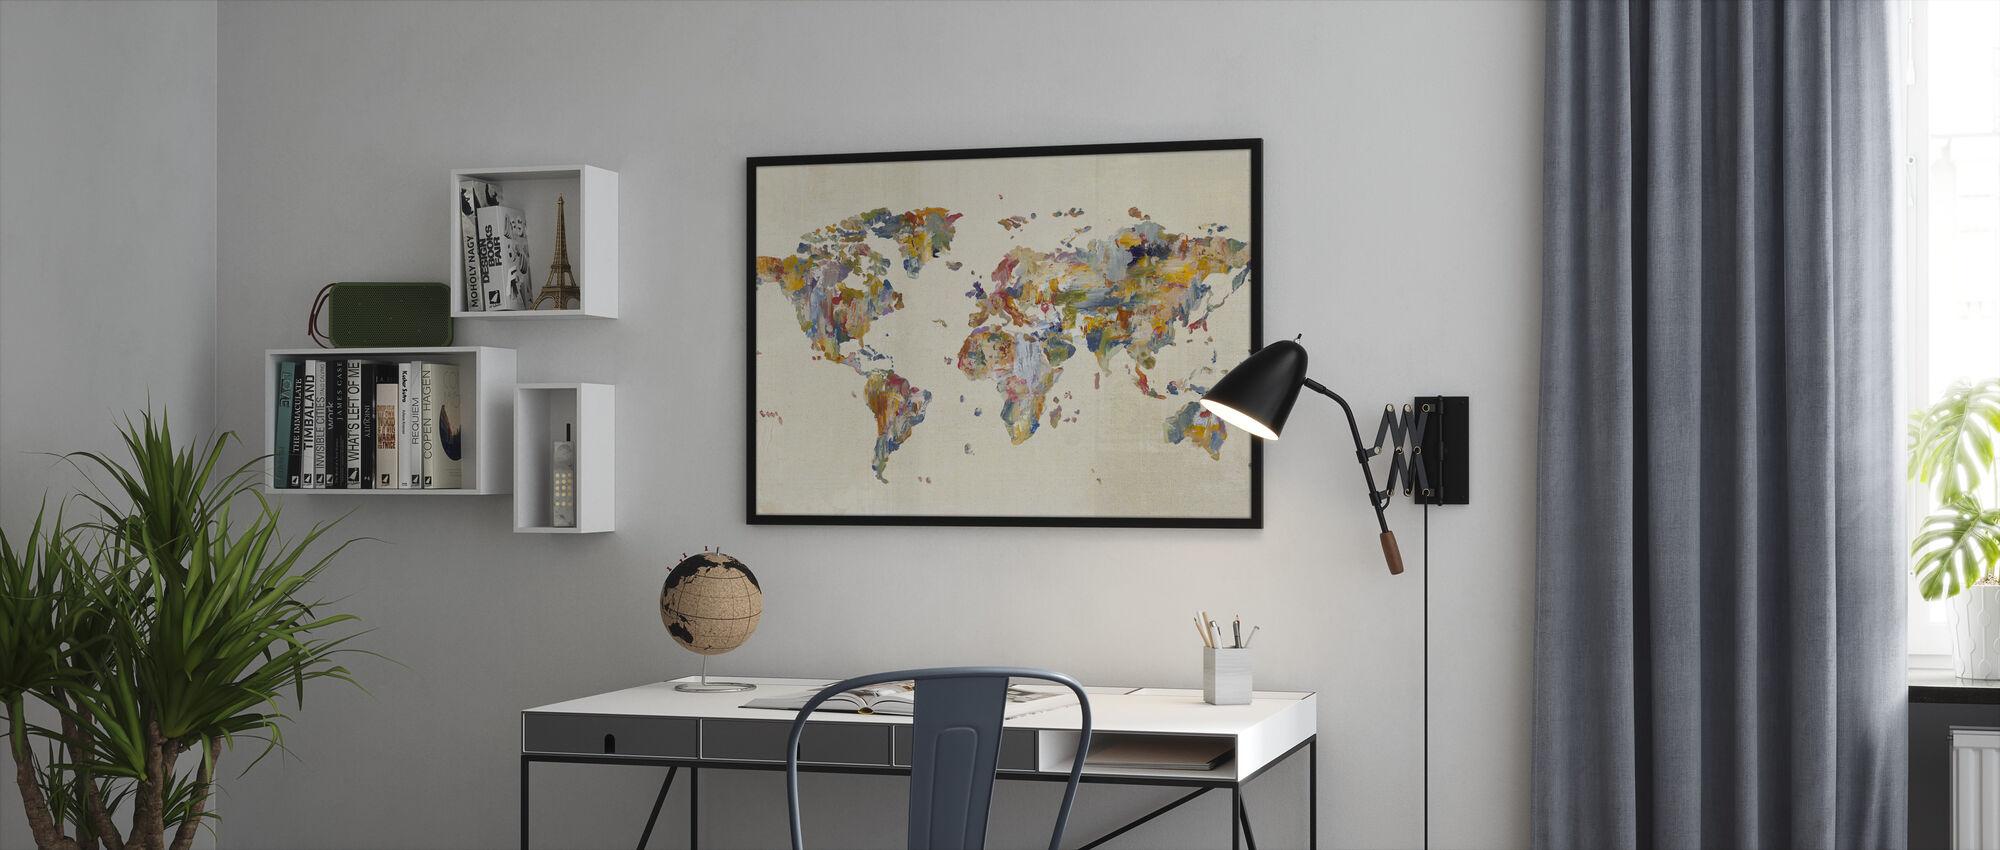 Global Palettes Map on Vintage Linen - Framed print - Office